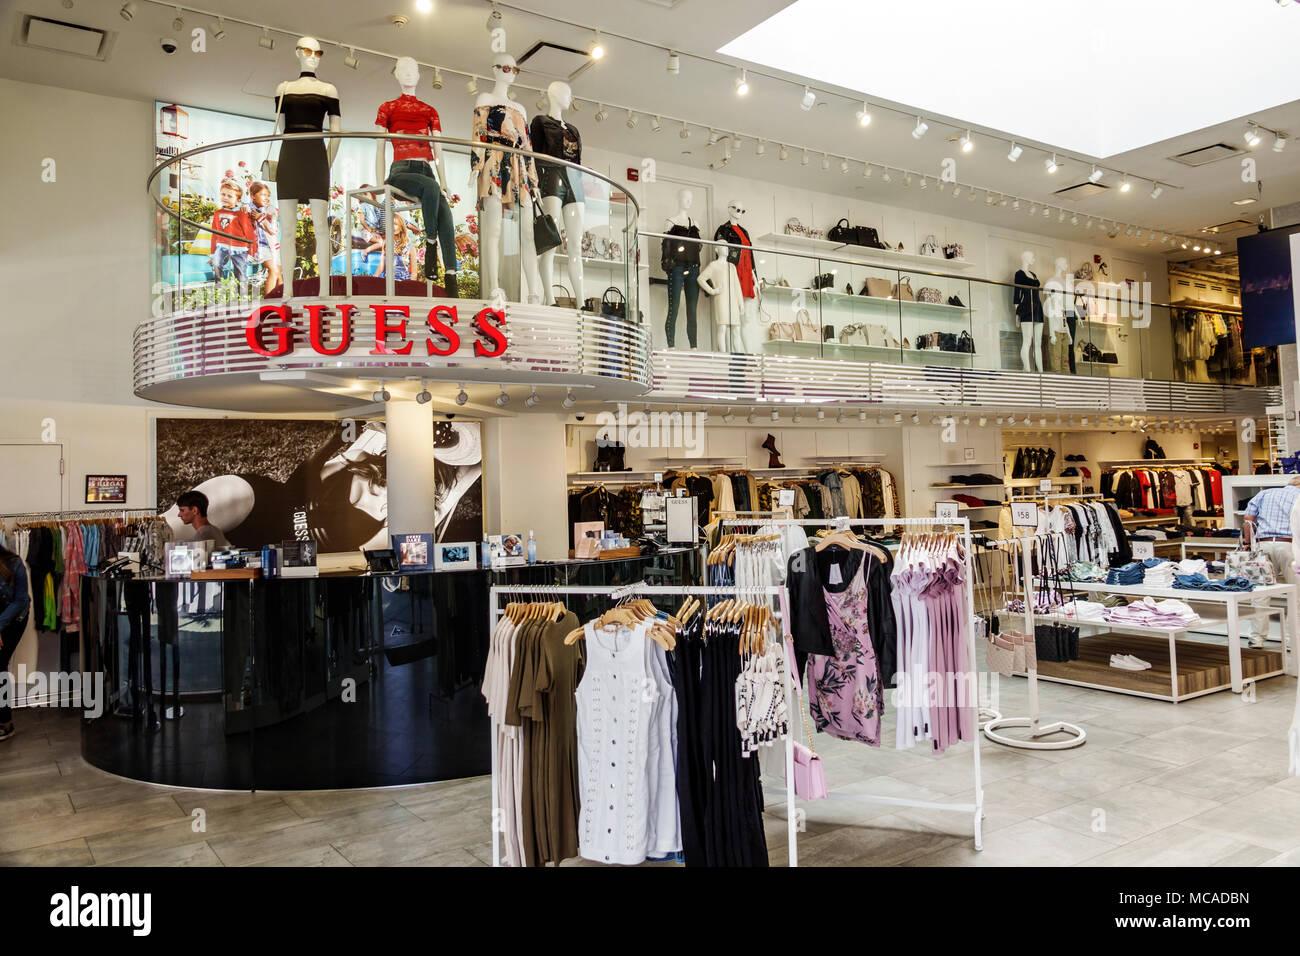 e6a53d3847 Lincoln Road Miami Beach Floride suppose que marque de vêtements boutique de  mode la mode au